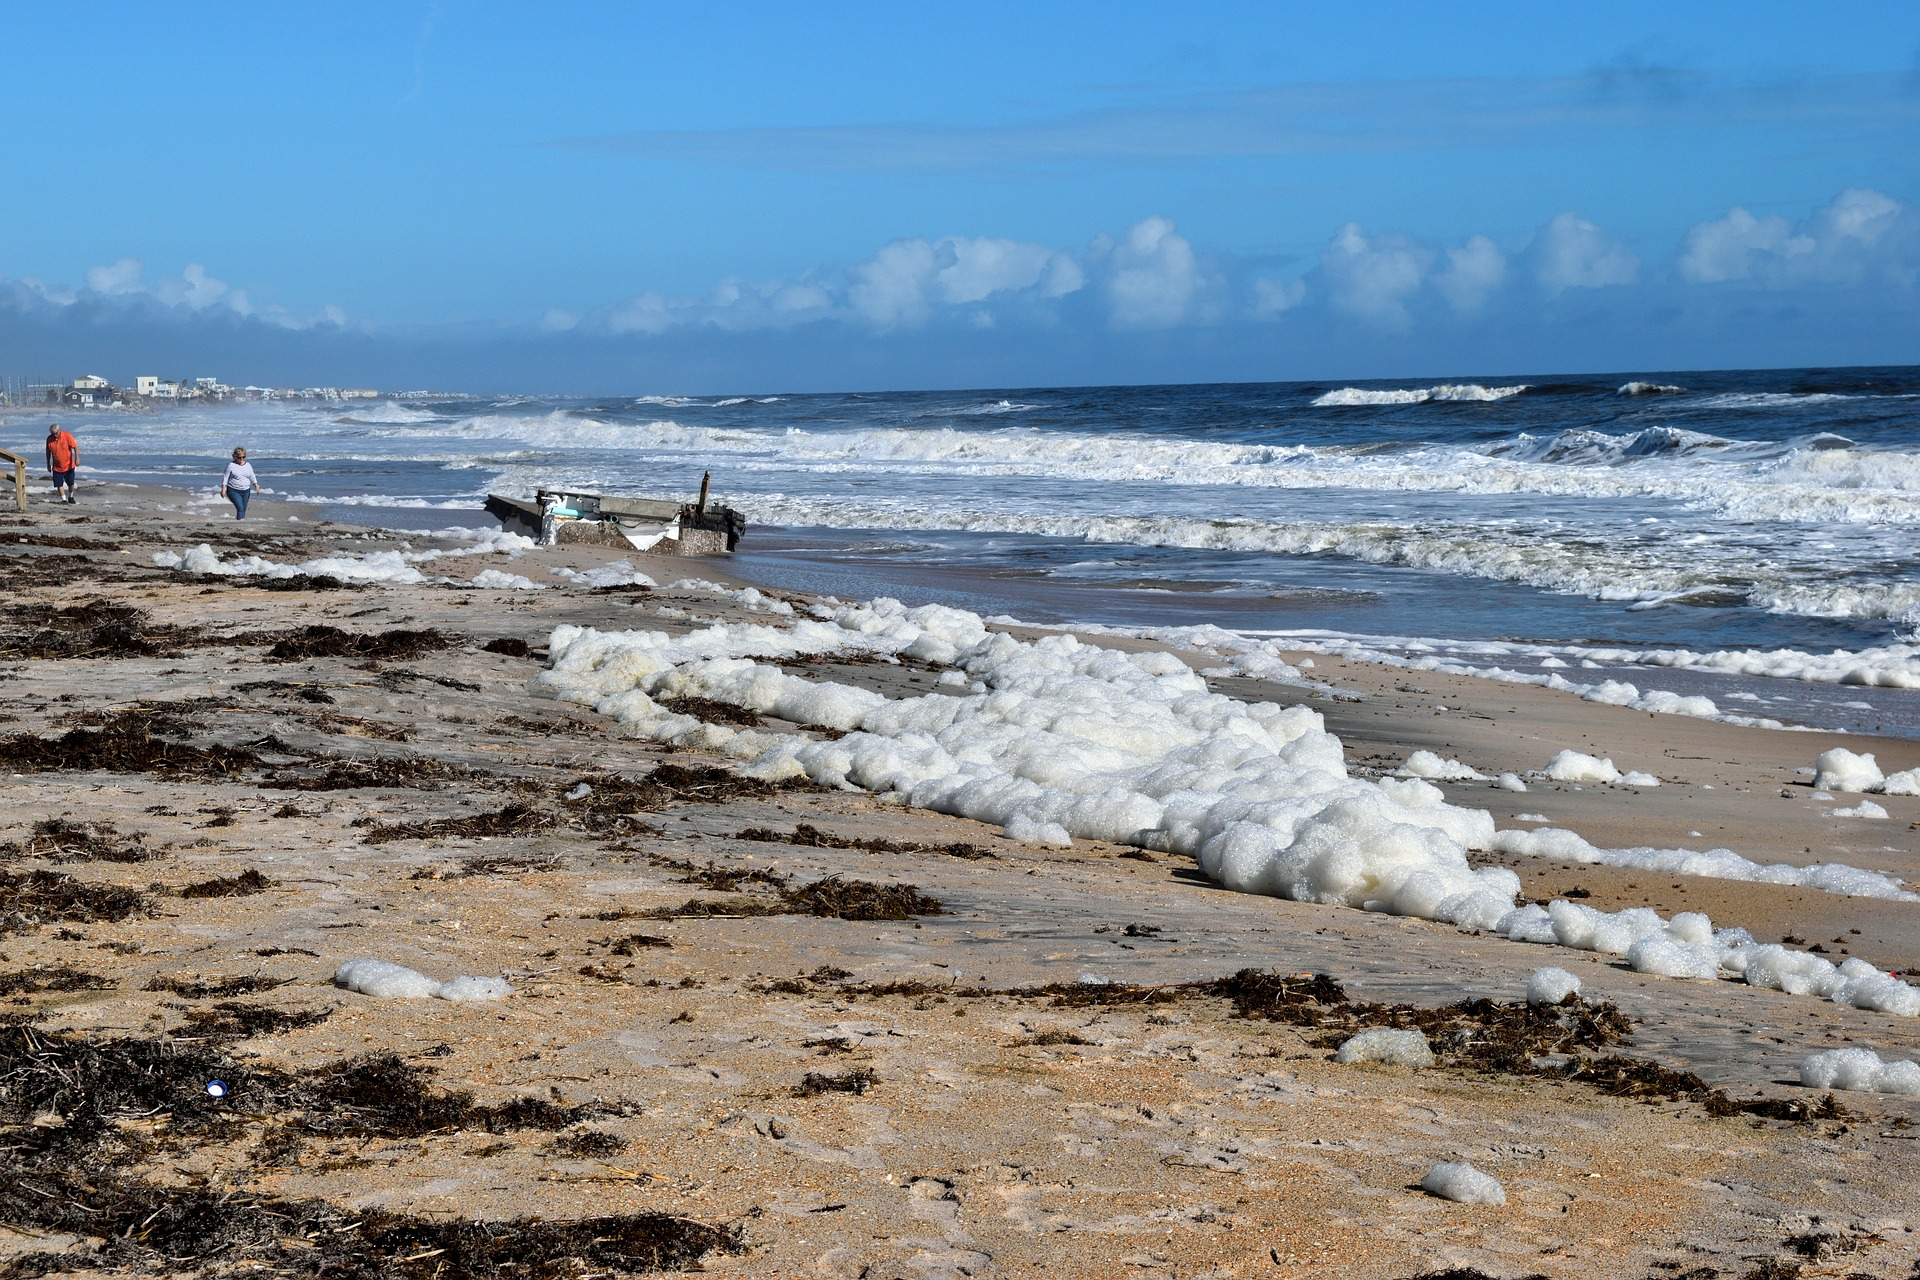 Ocean Debris 2869421 1920